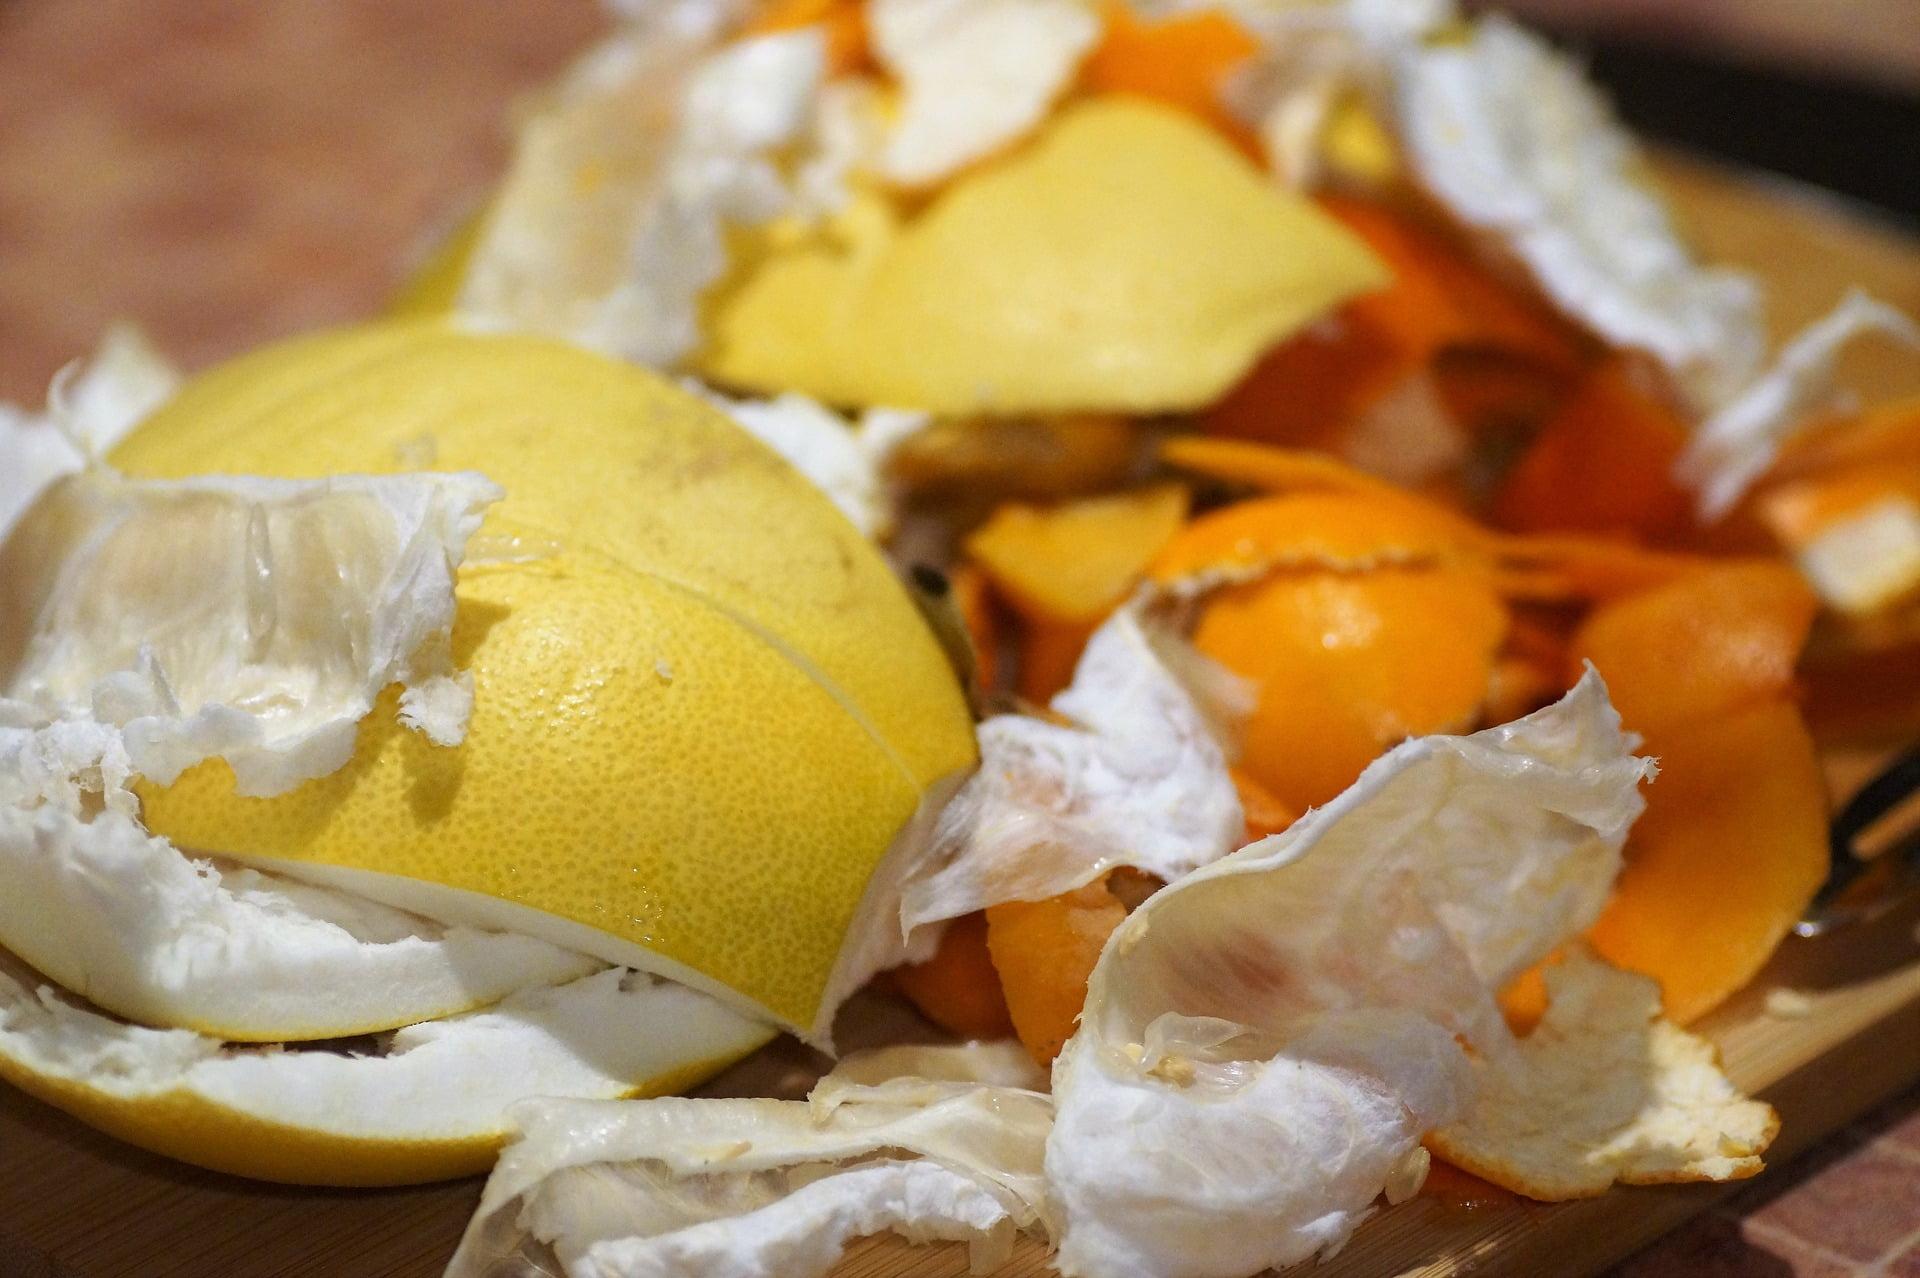 factores que influyen en el compostaje